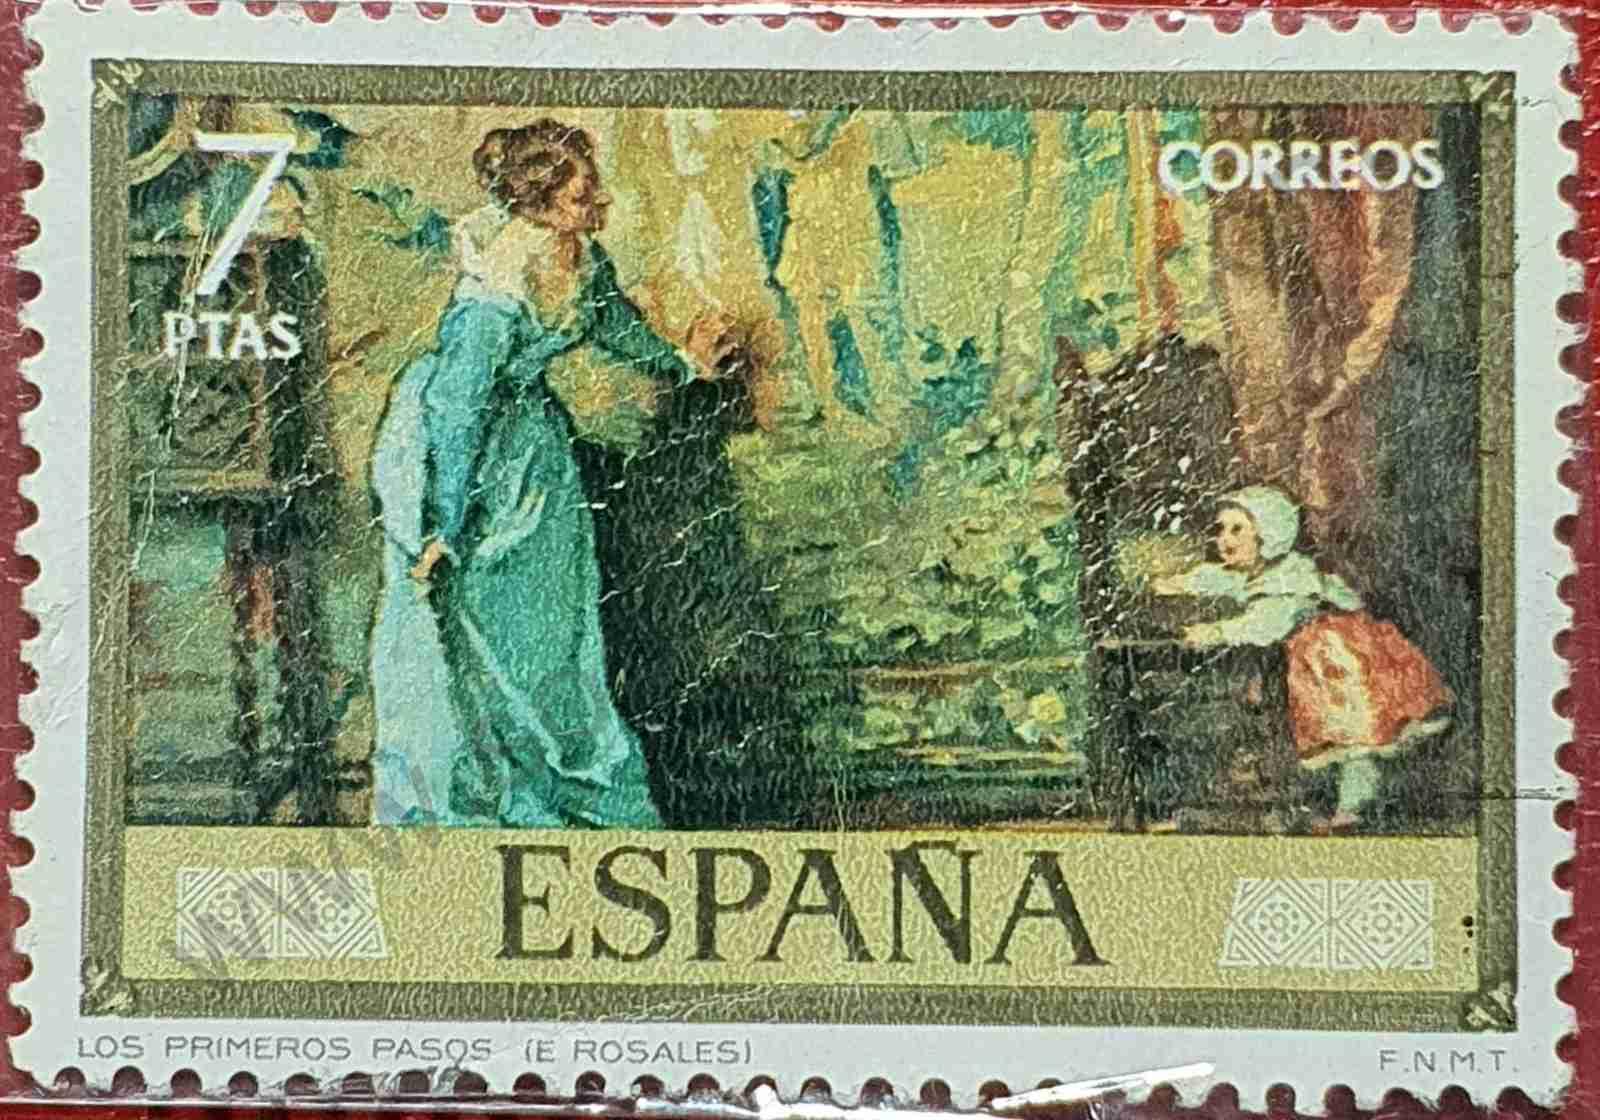 Pintura - Los primeros pasos - Sello España 1974